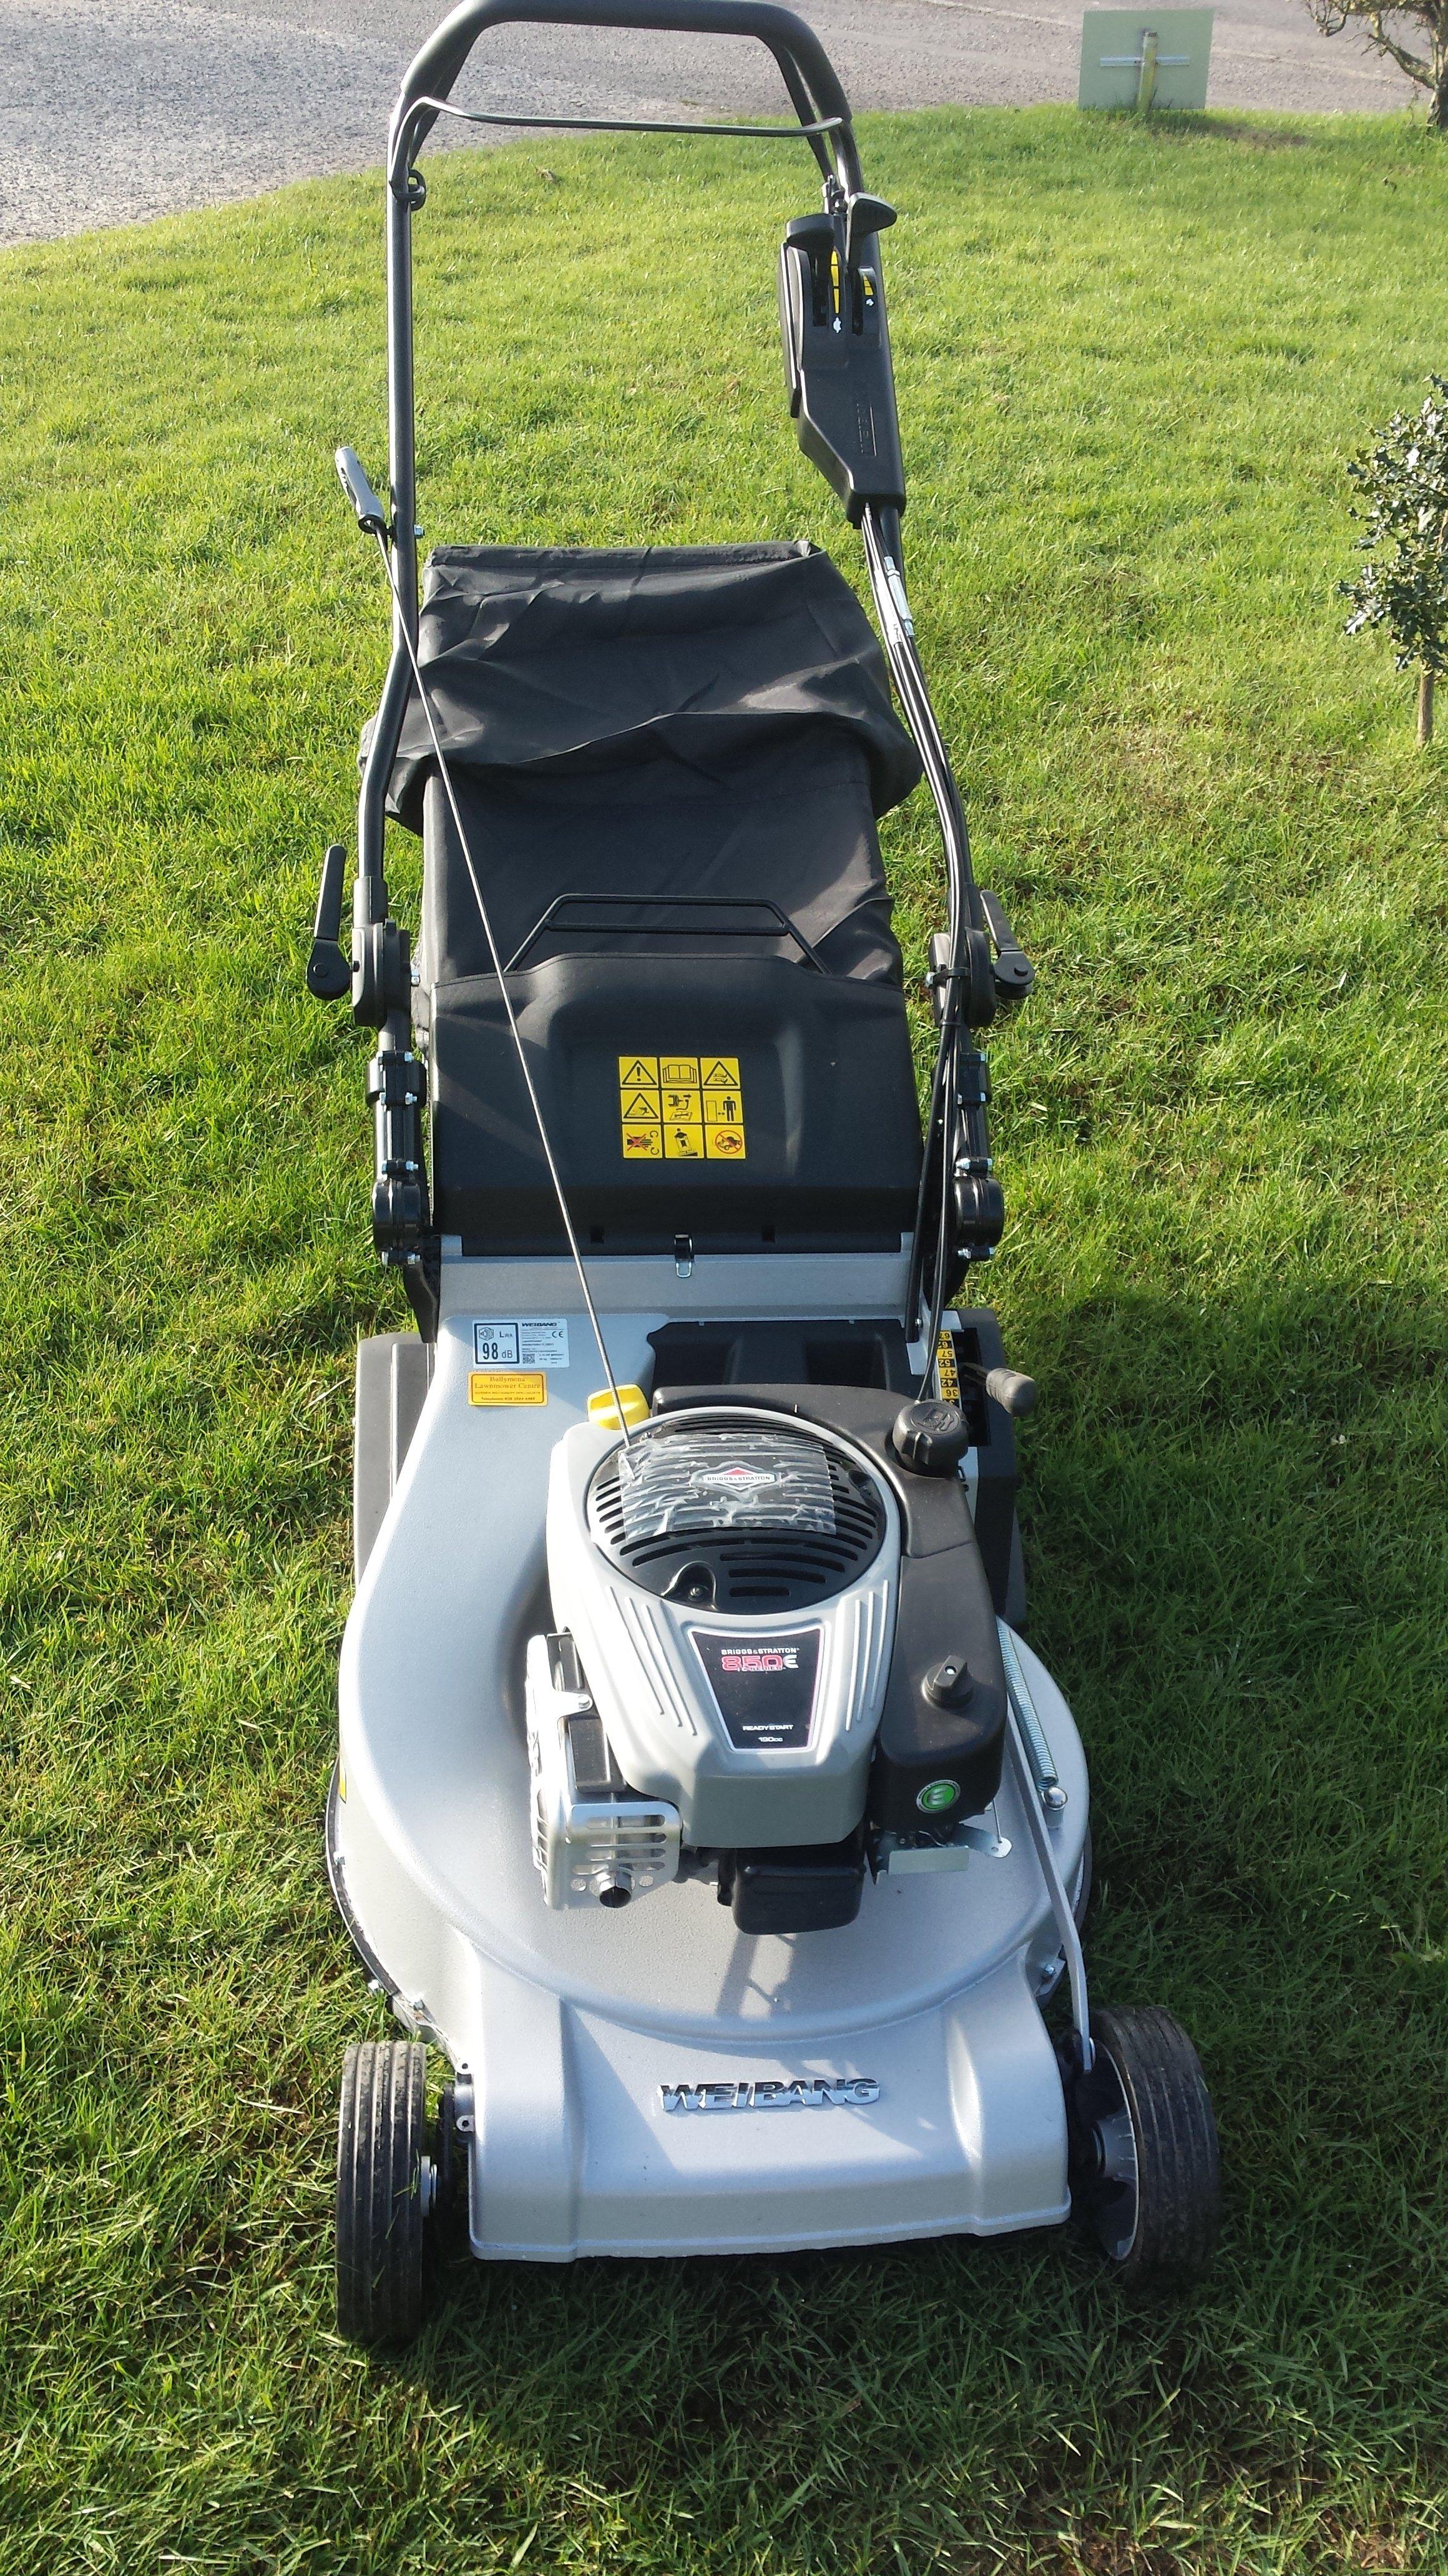 repaired lawnmower